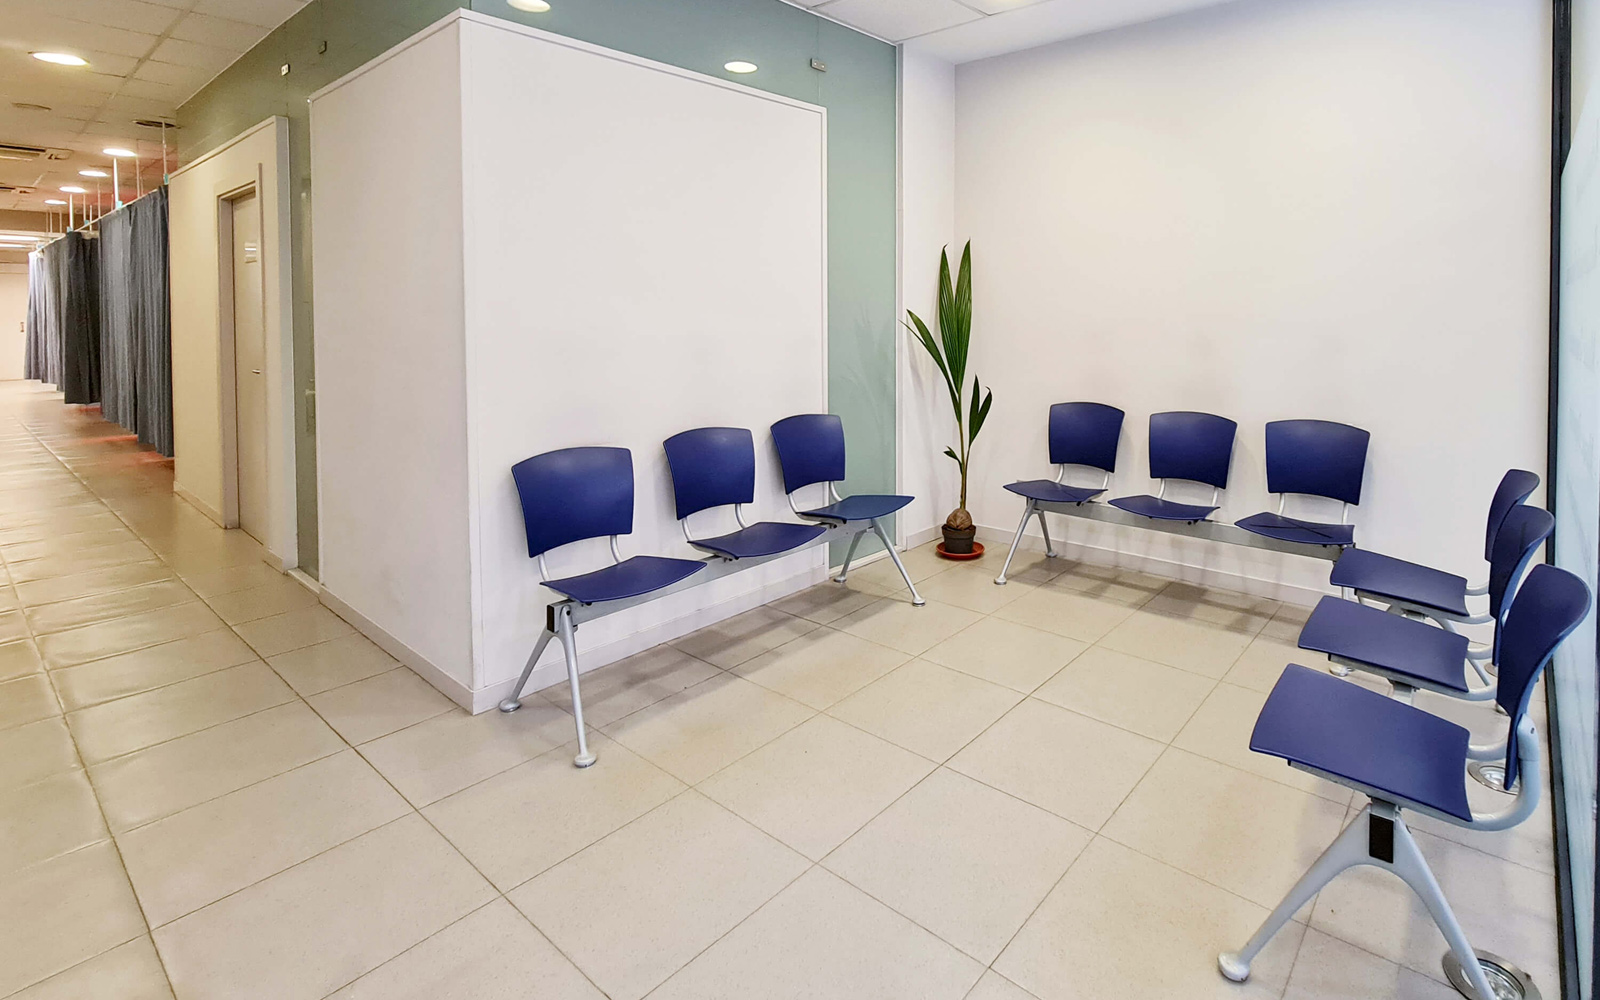 Fisioterapia y rehabilitación en Bilbao (Uhagón)